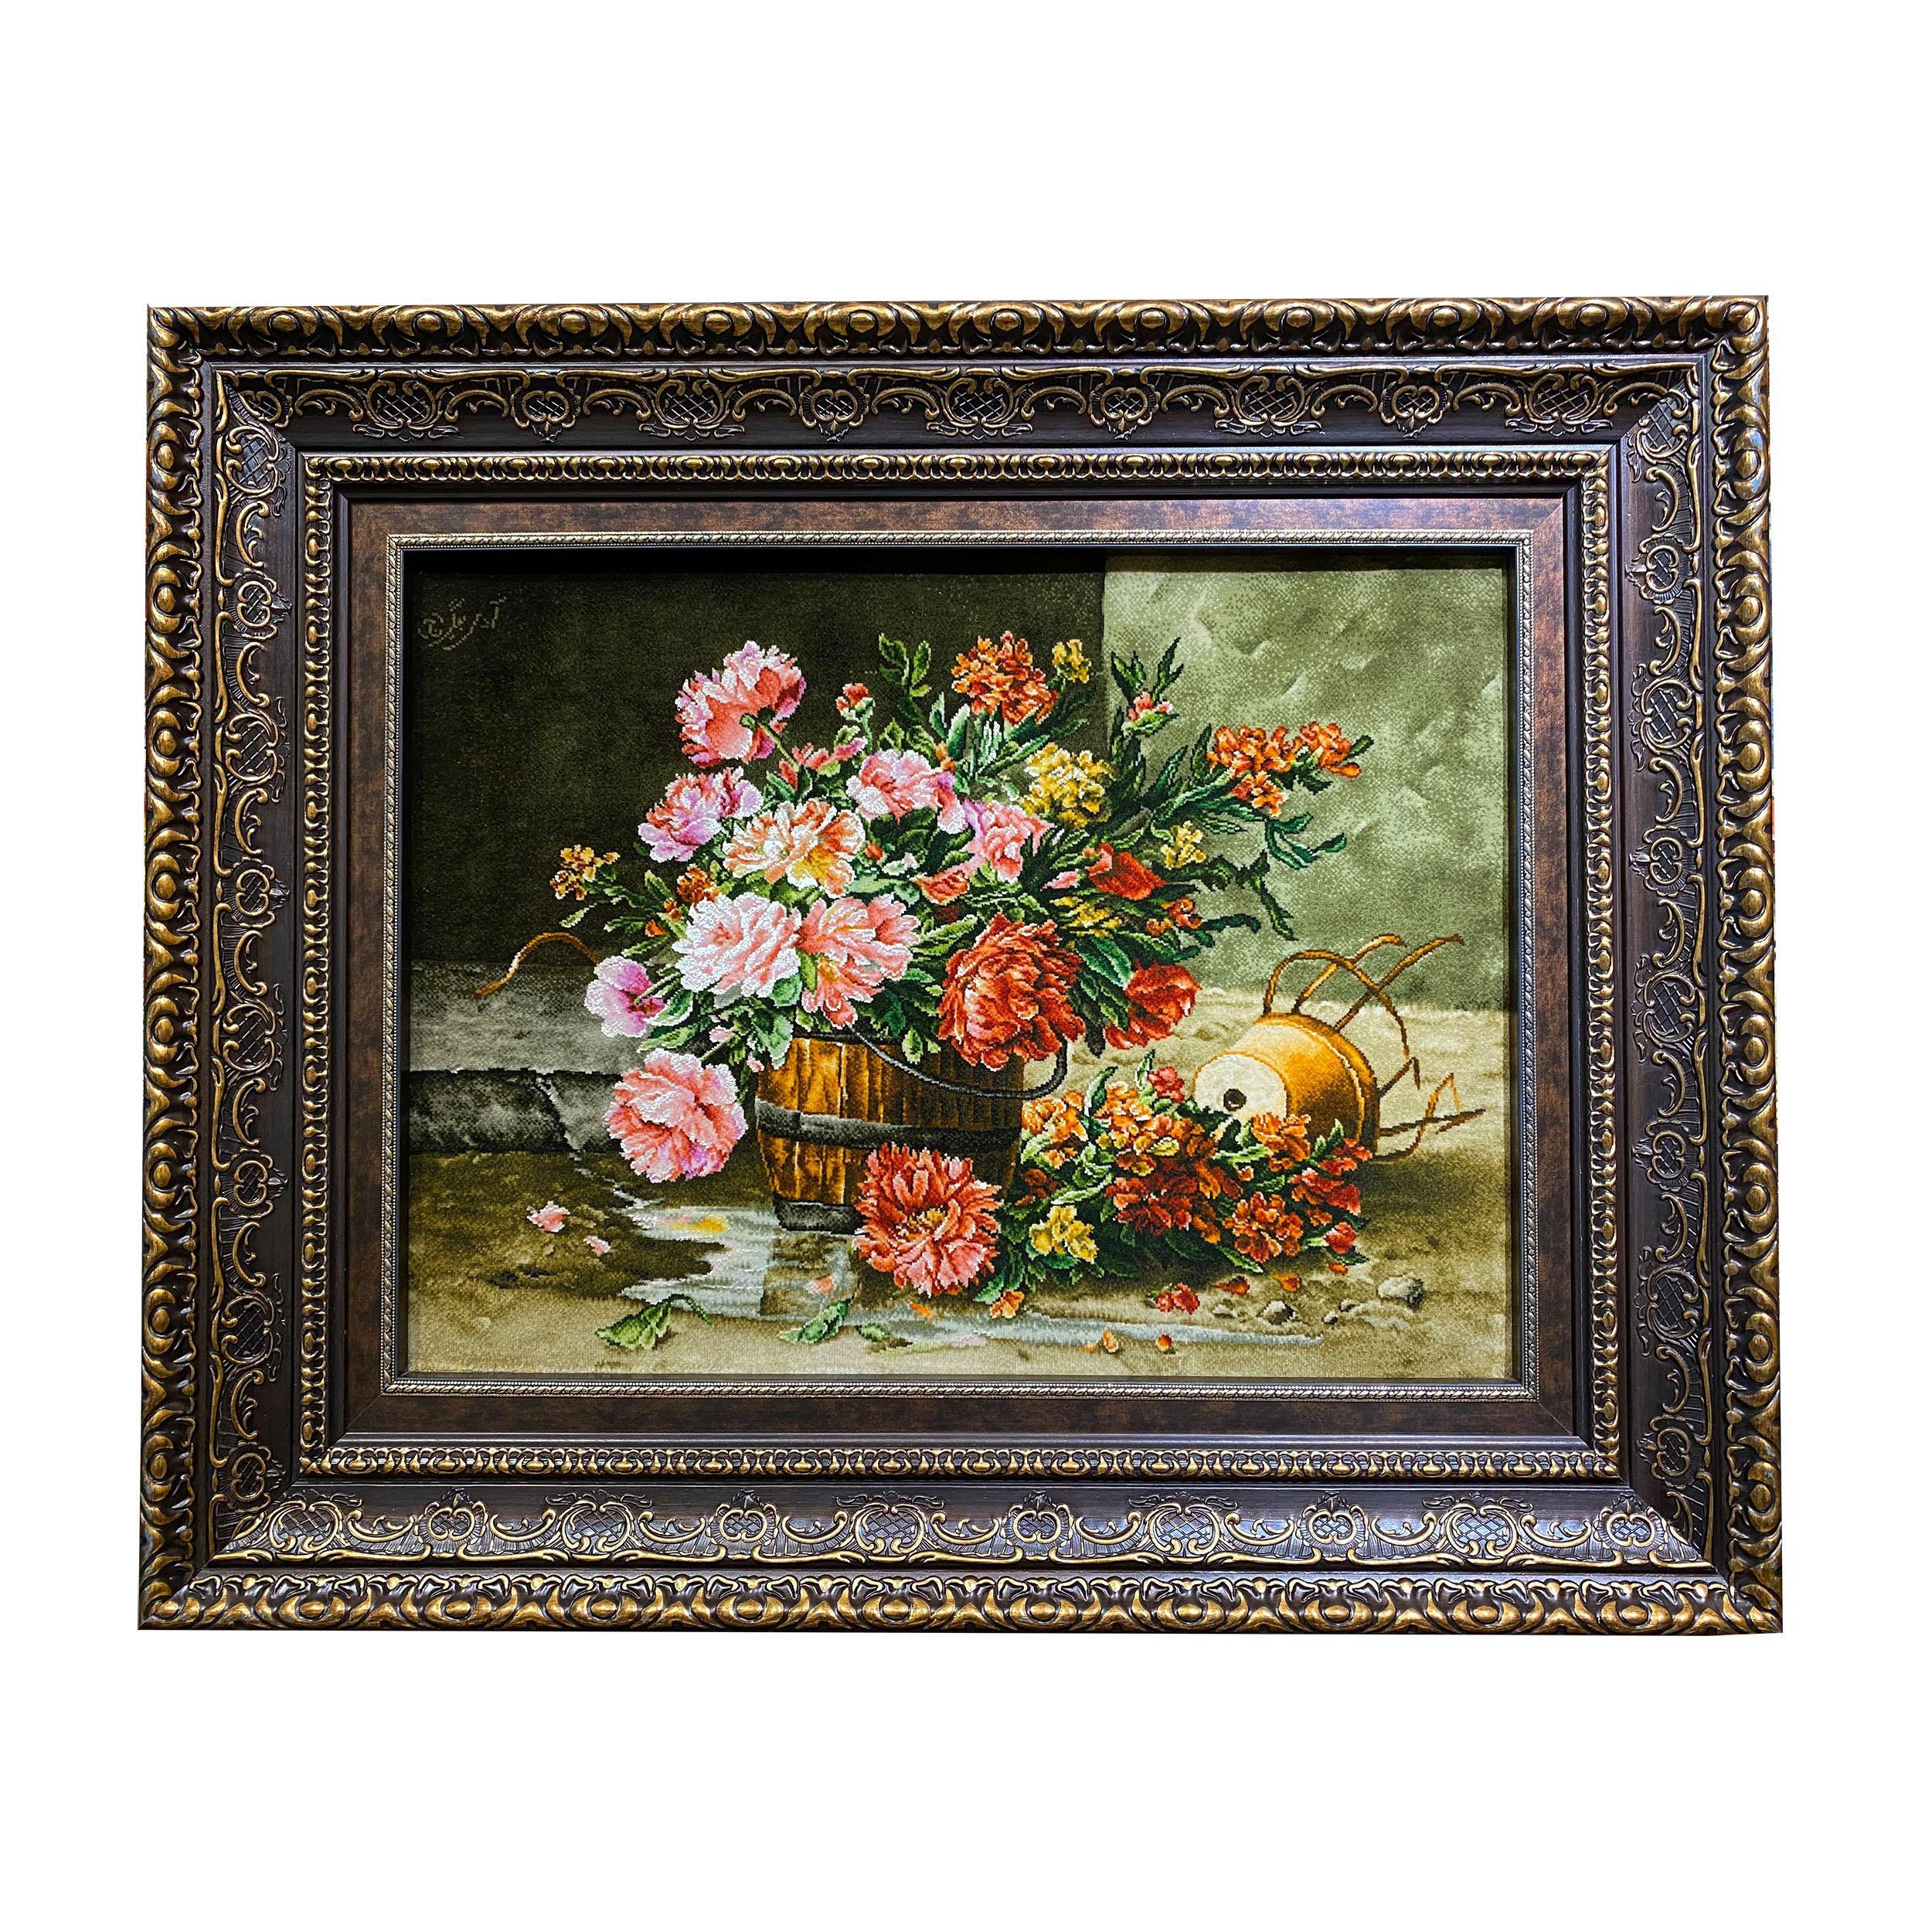 تابلو فرش دستبافت طرح گل و گلدان چوبی کد ۳۱۵۷۷۱۸